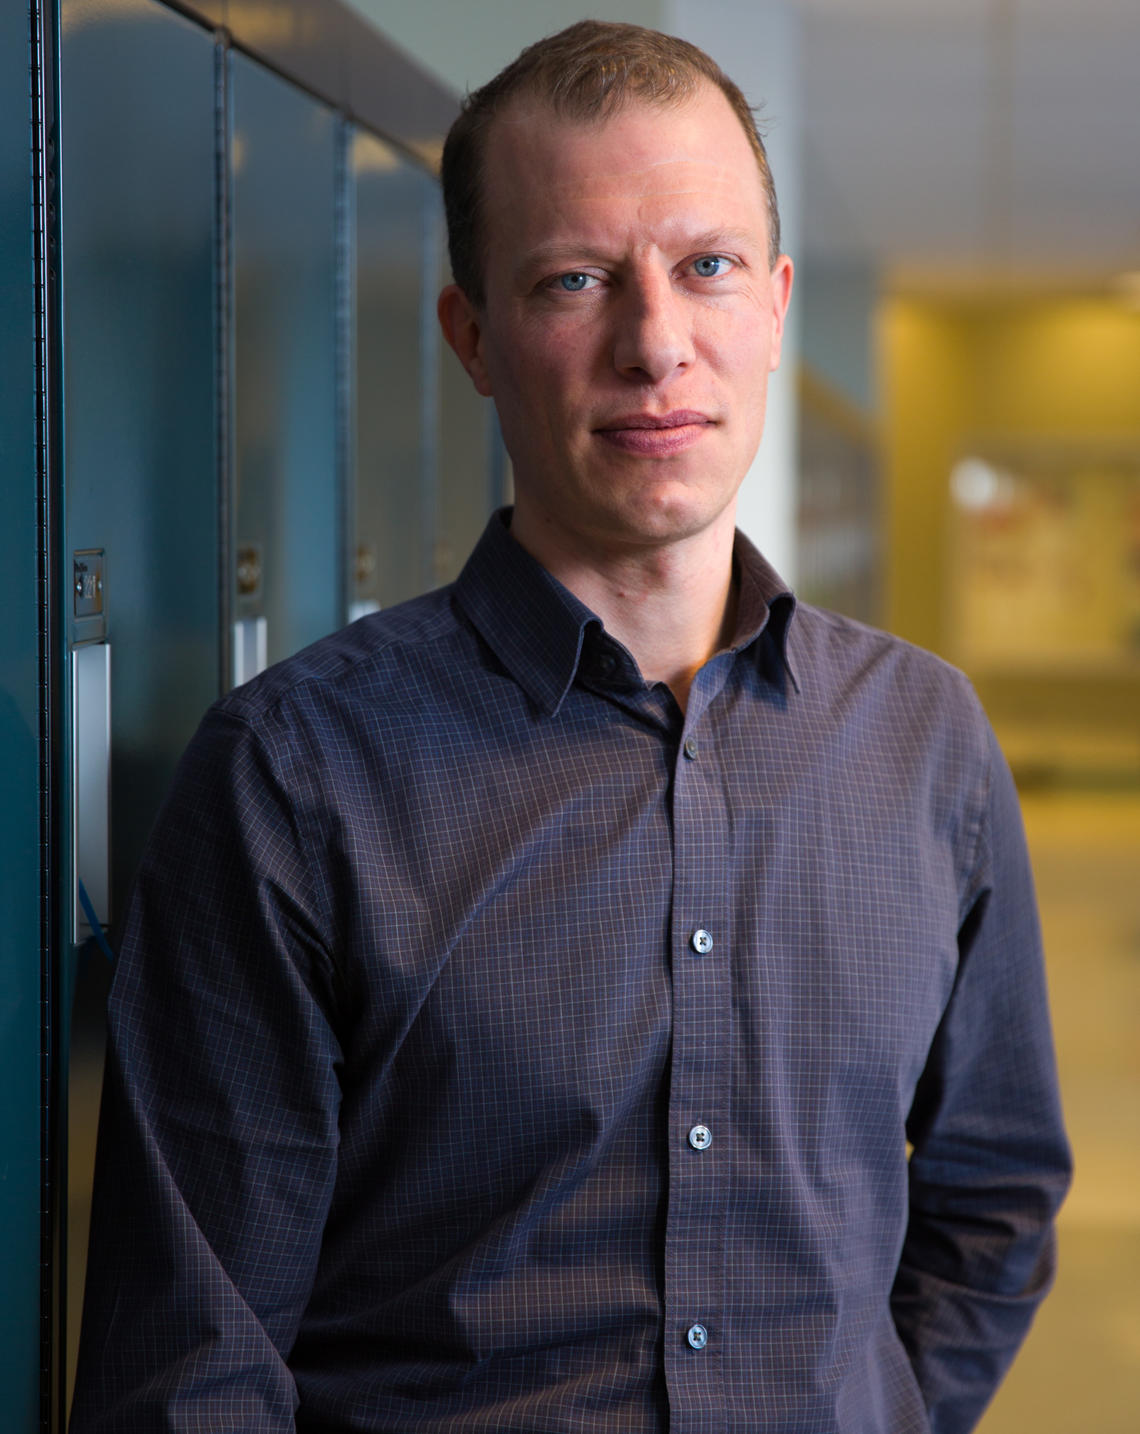 Jeroen De Buck has a new bacterial species, Staphylococcus debuckii, named in his honour.